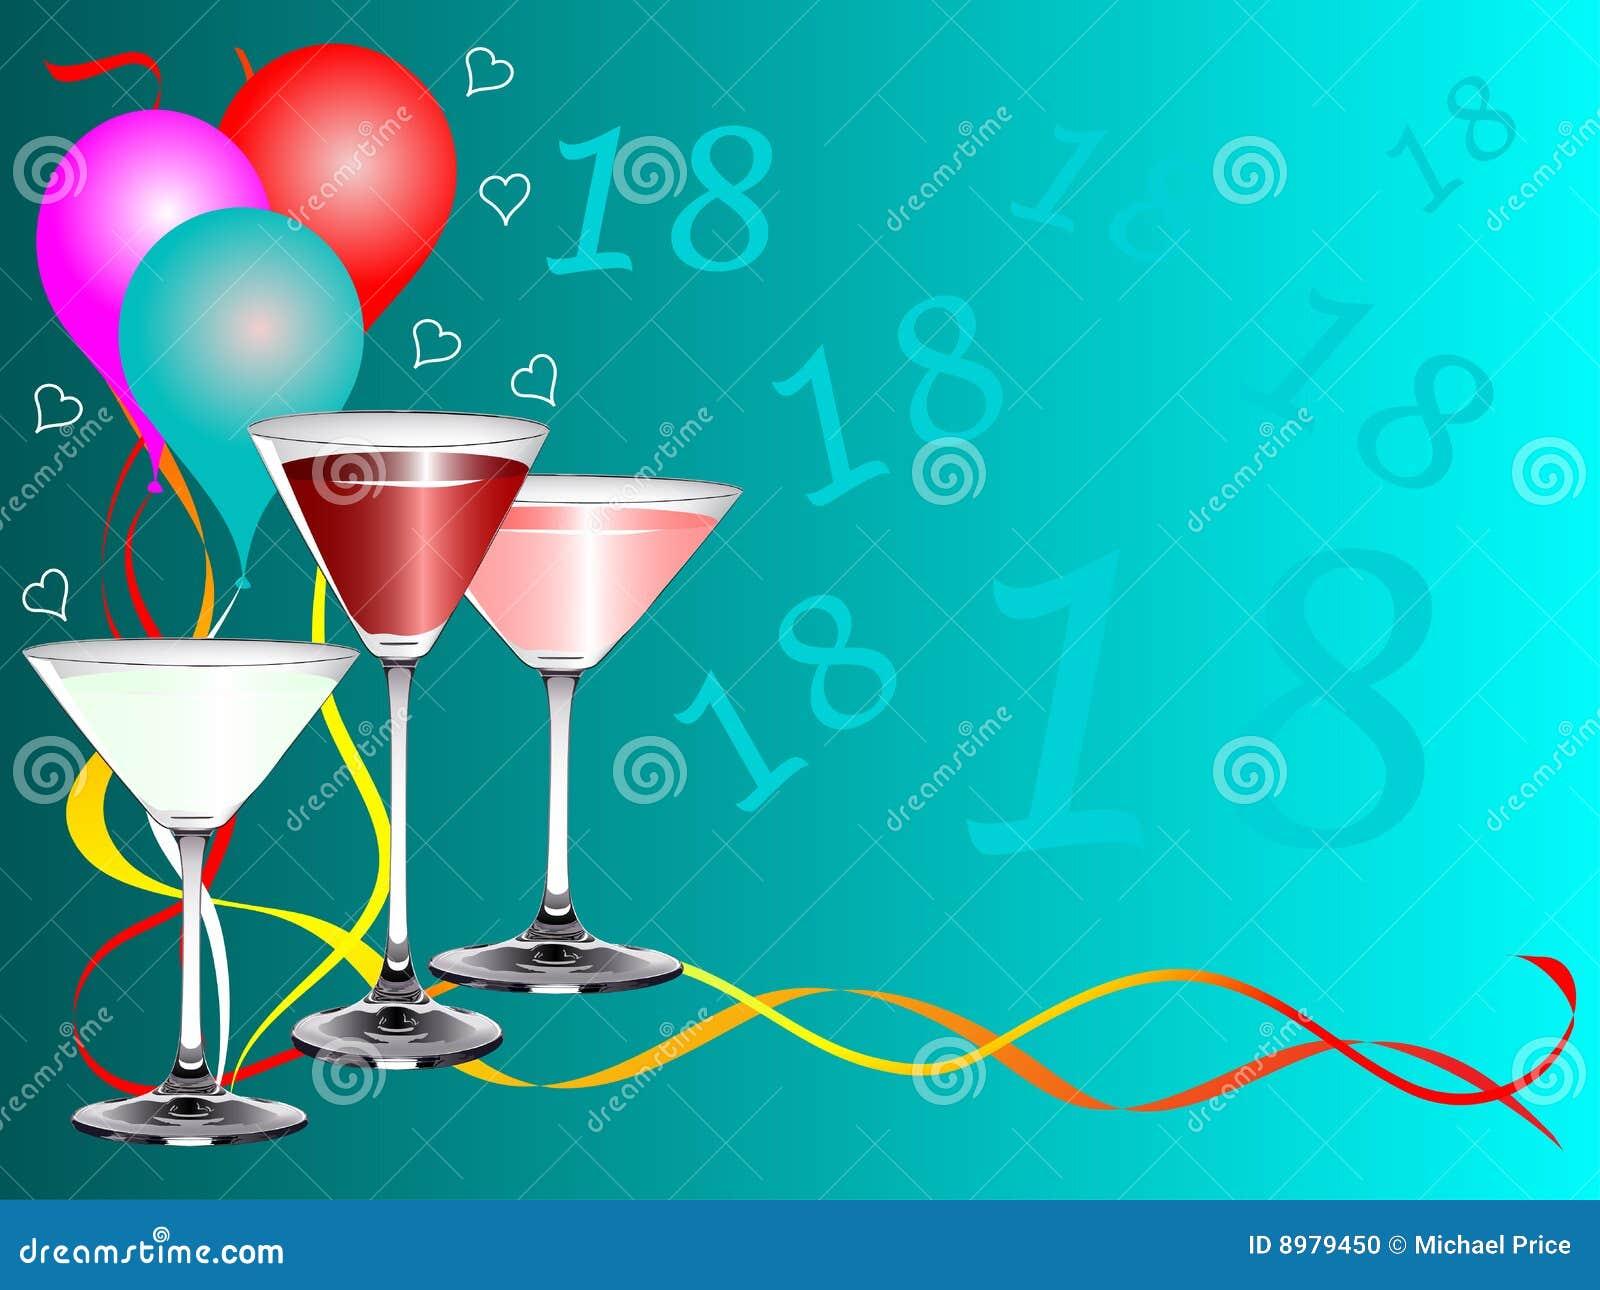 Th Martini Glass